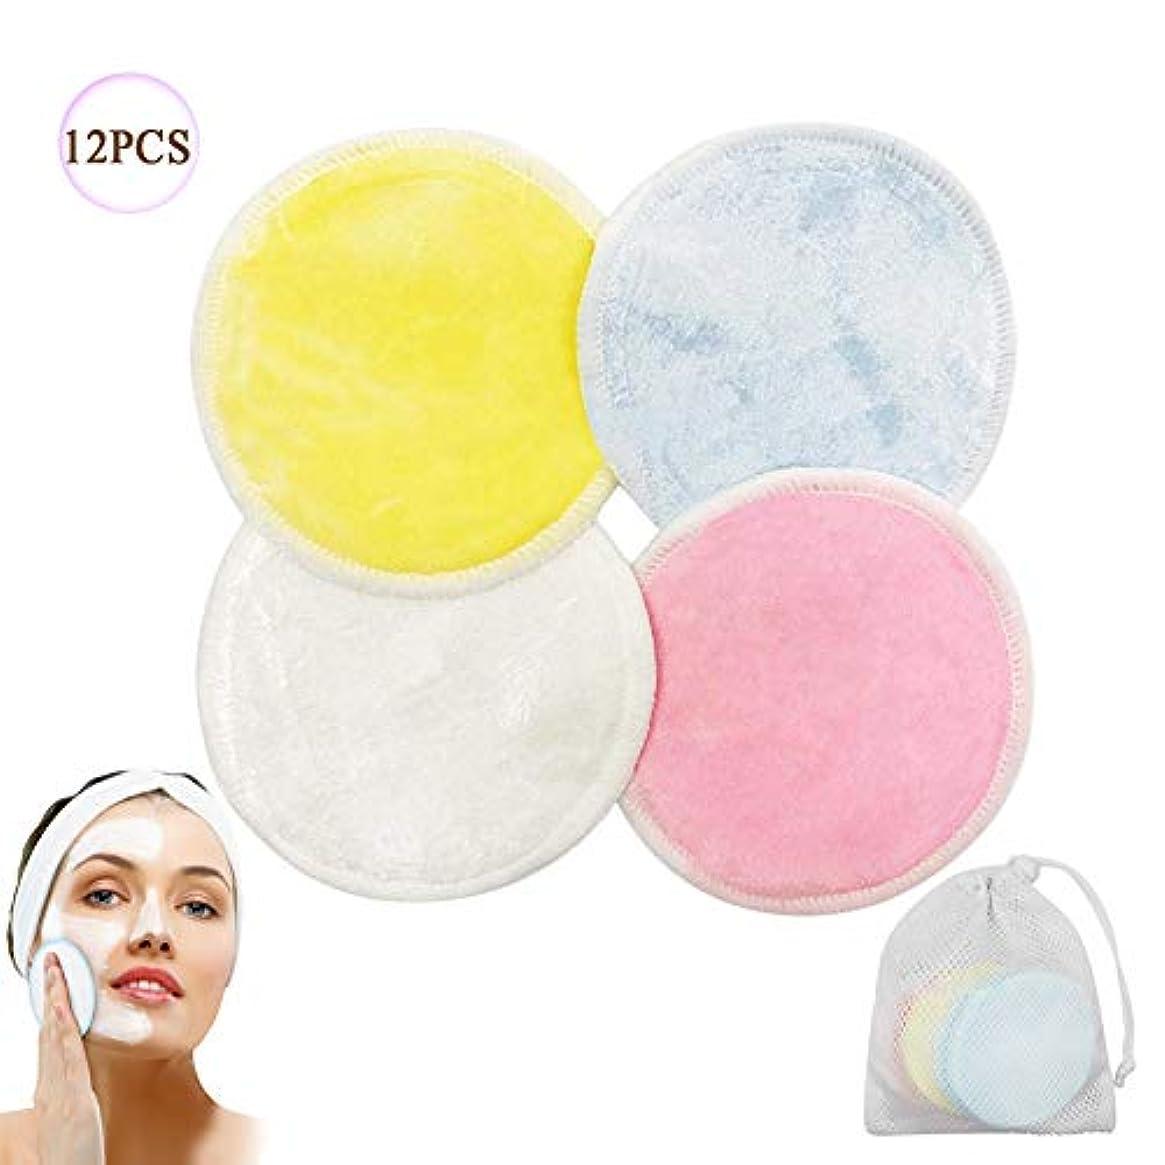 メジャーハブやさしいメイク落としパッド、再利用可能な竹綿パッド、洗えるワイプ、女性の顔/目/唇のための柔らかくて快適なランドリーバッグ,12PCS